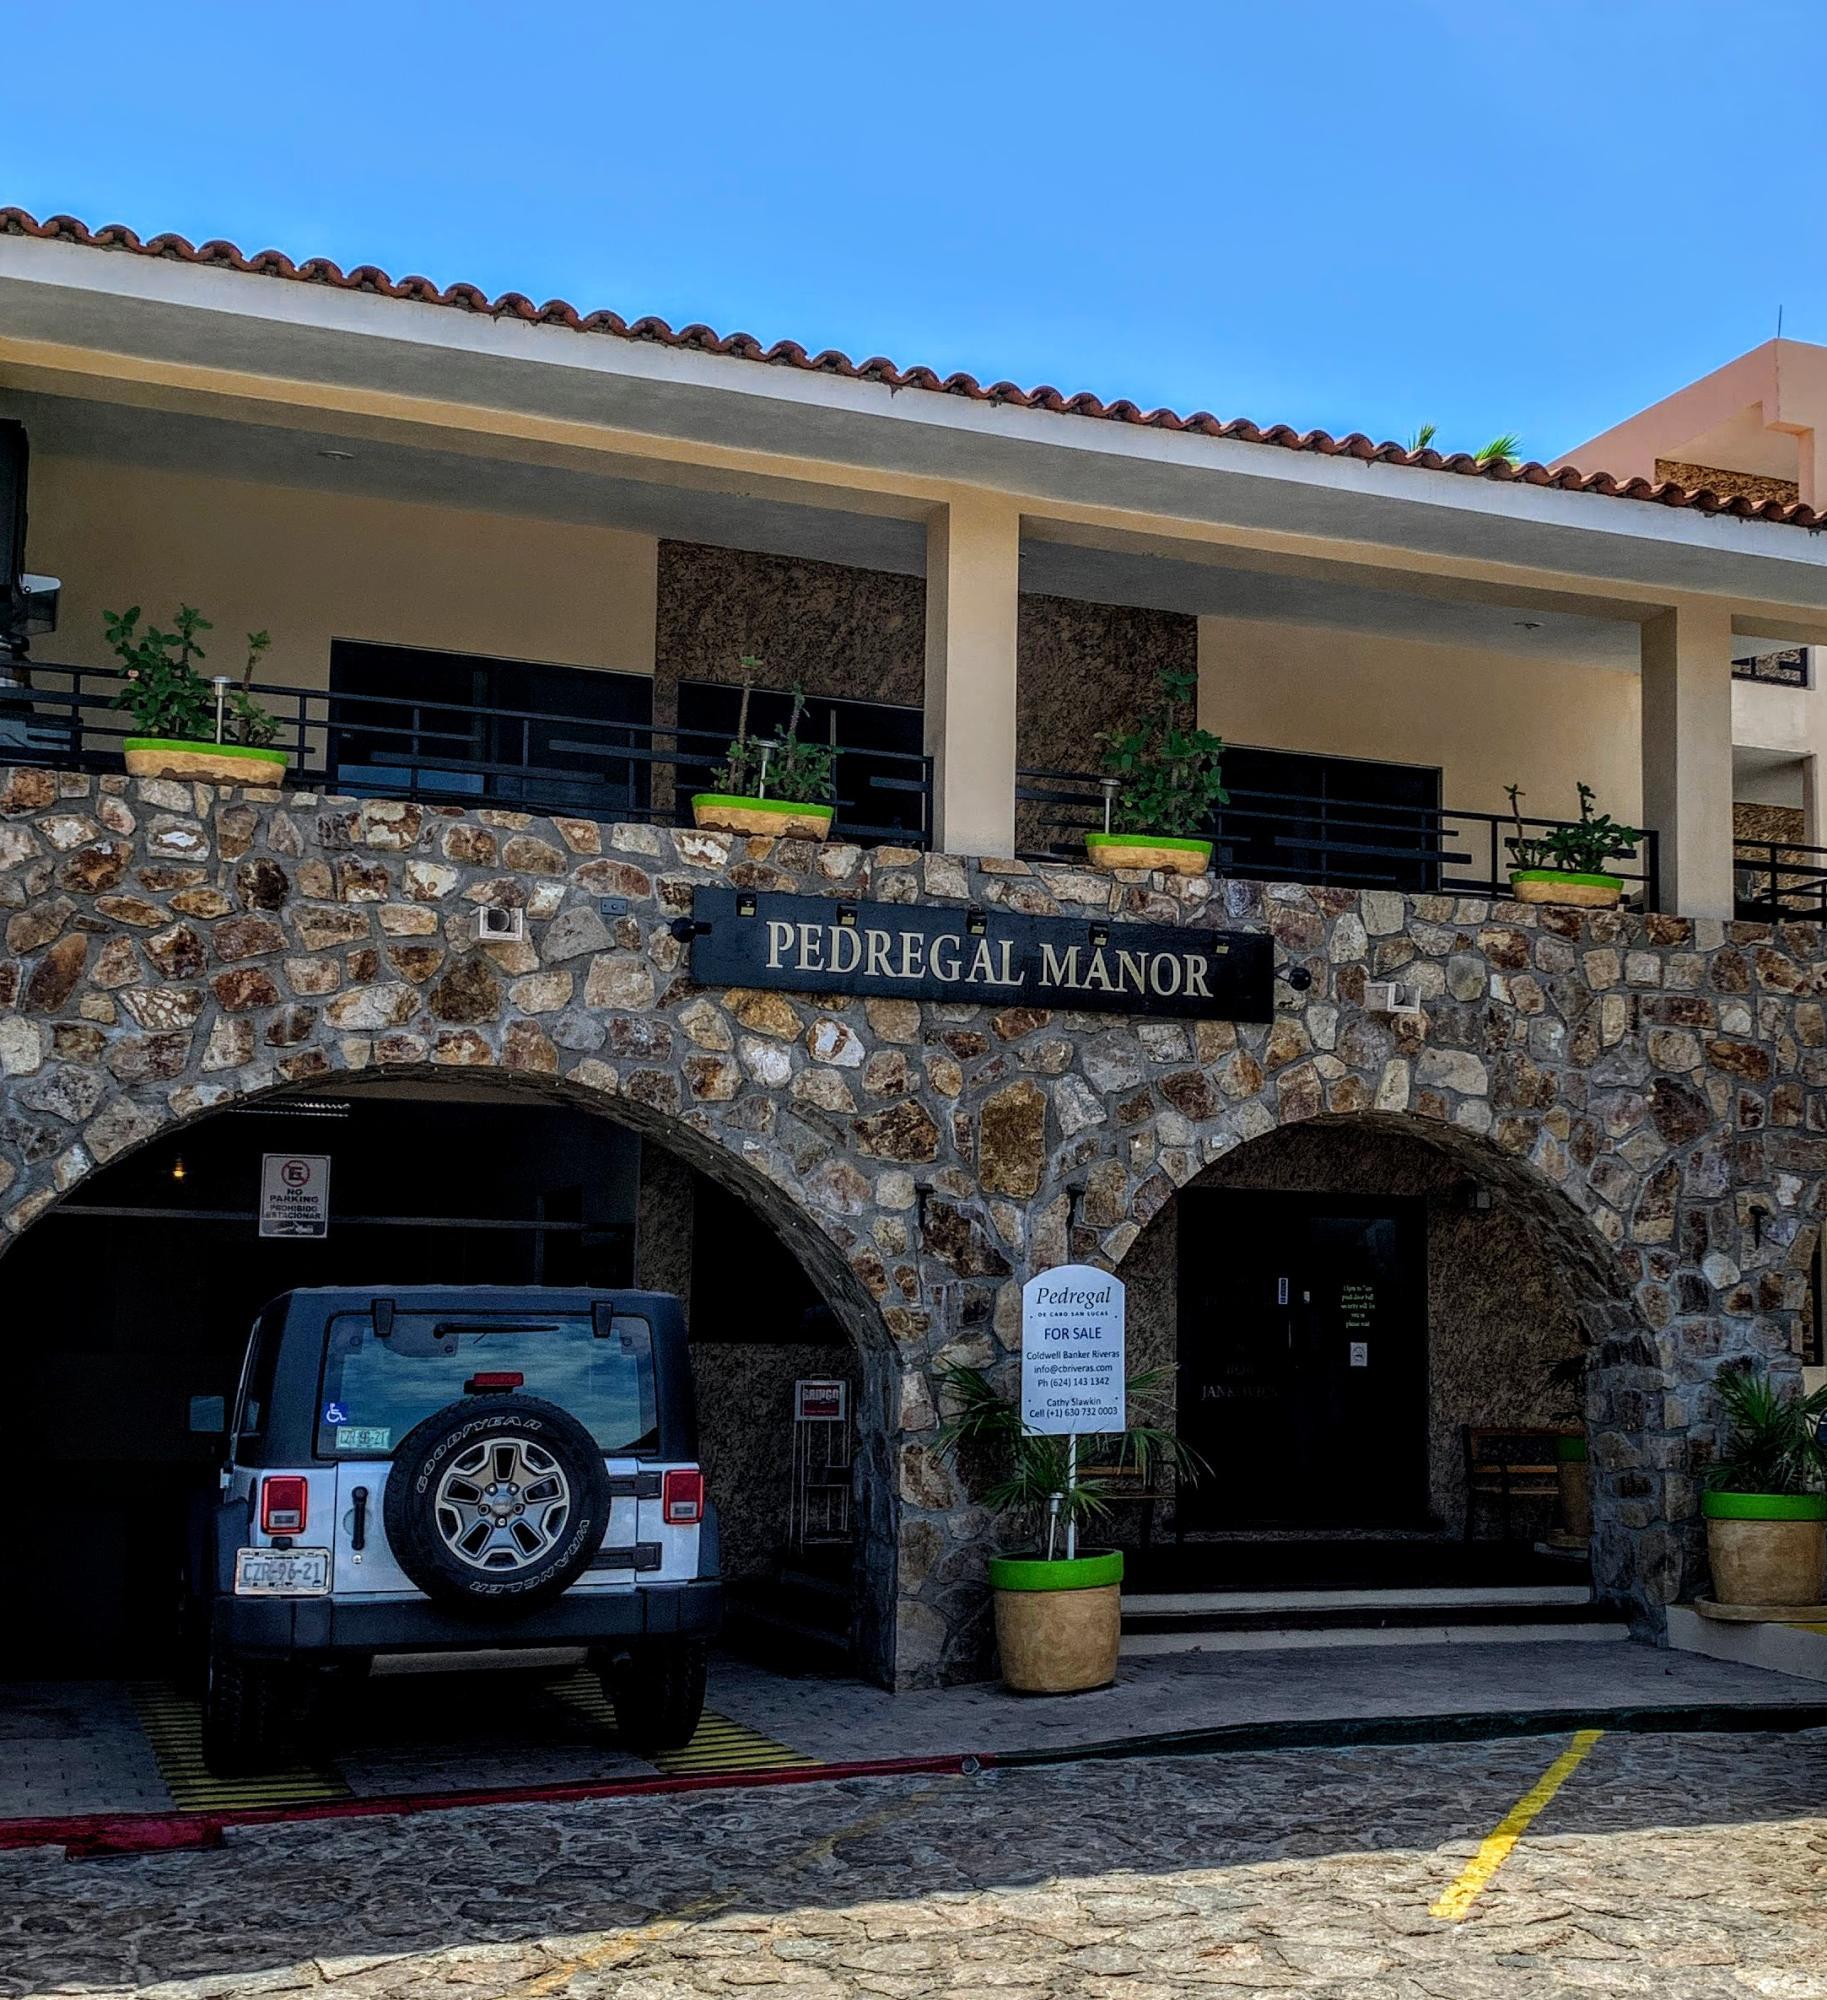 Pedregal Manor